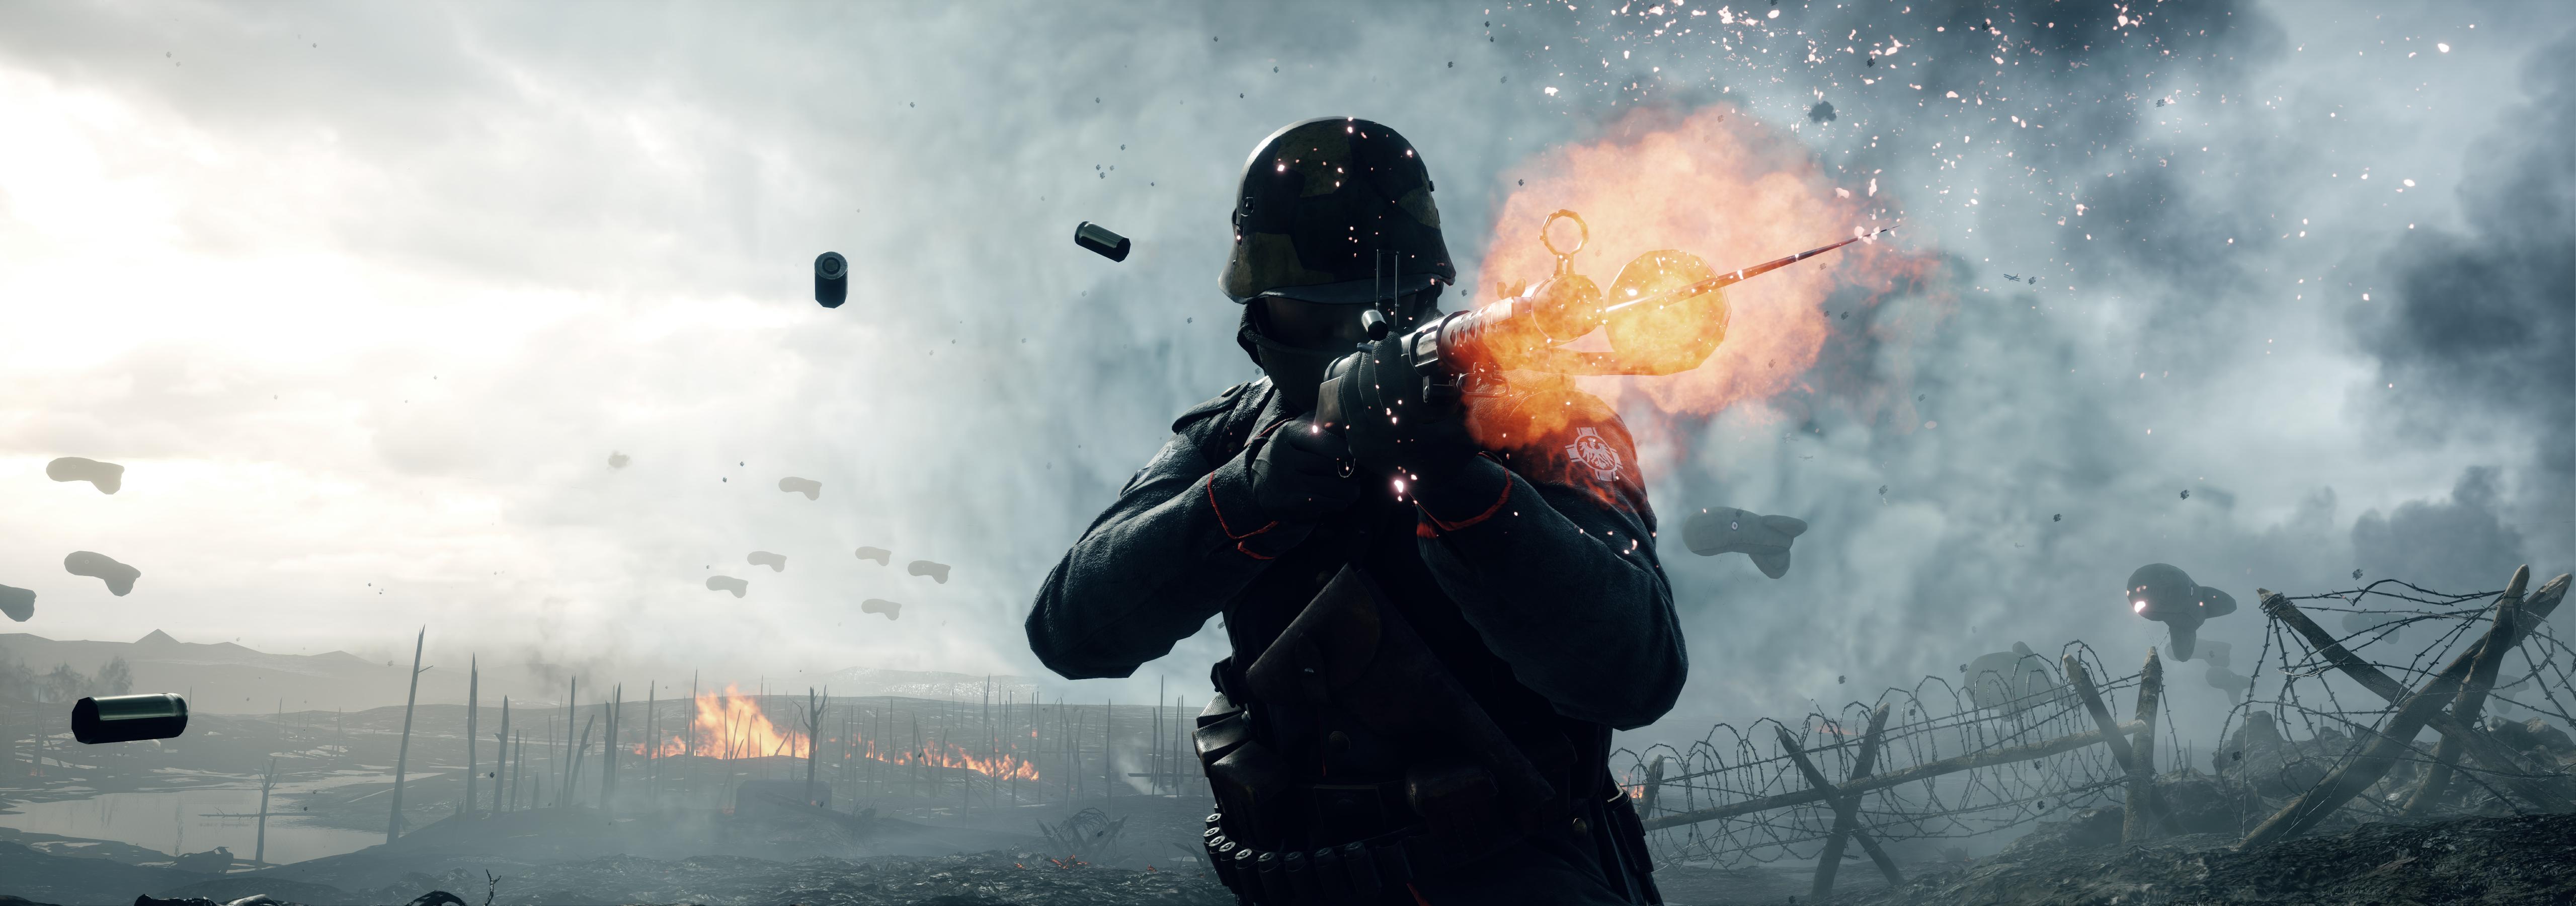 Cool Battlefield 4 Fire Armor In Black Background: Battlefield 1 HD Wallpaper